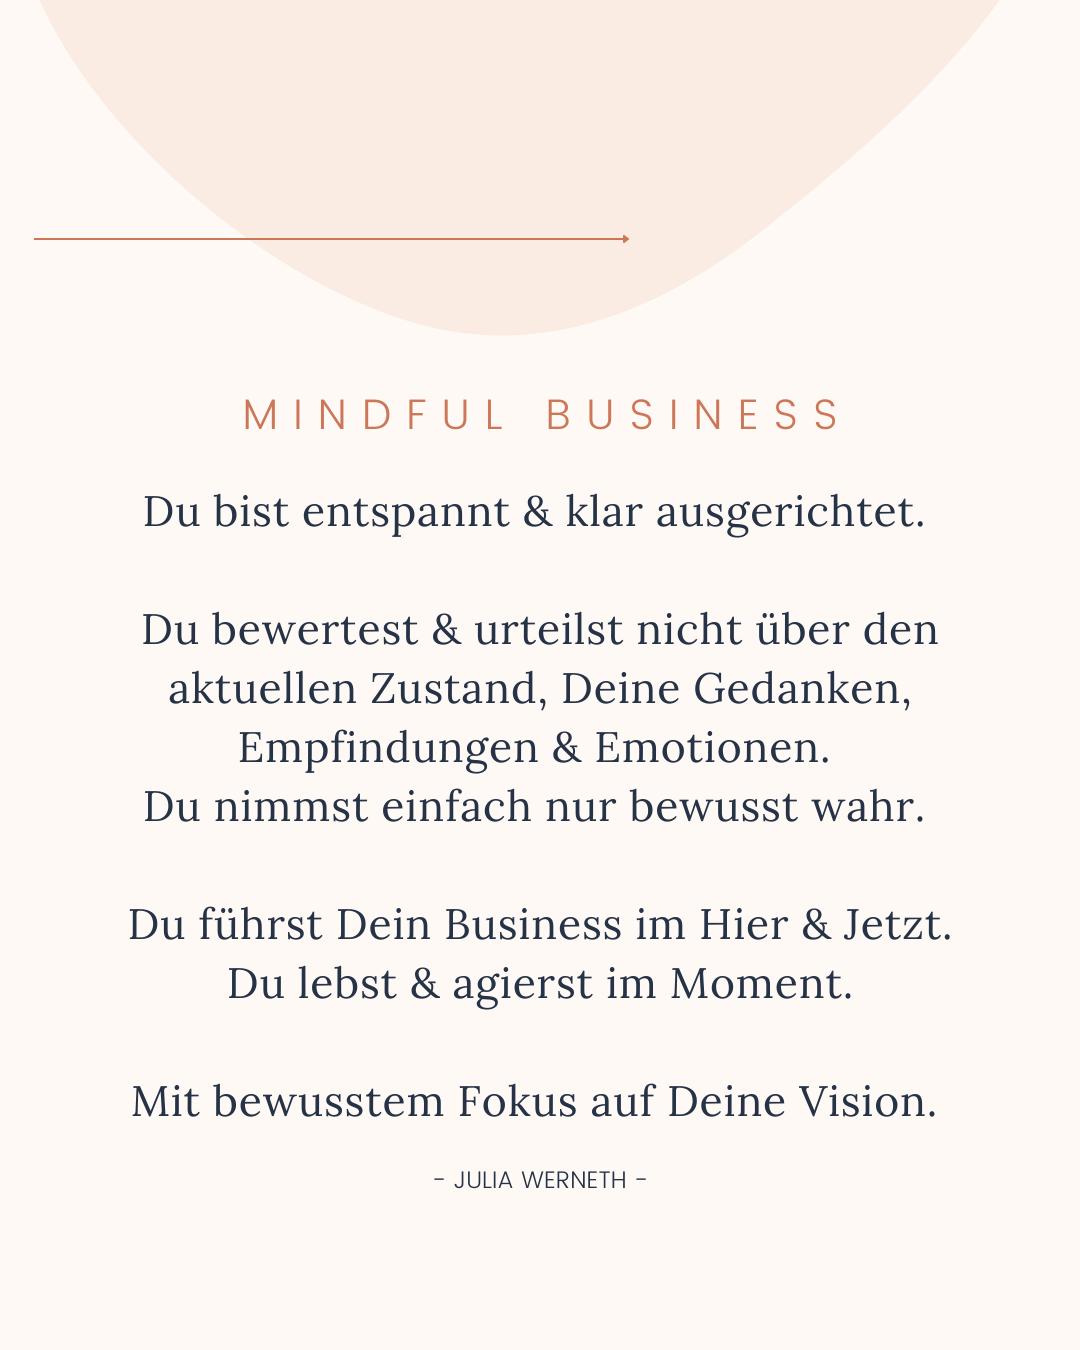 Mindful Business Erklärung - Julia Werneth